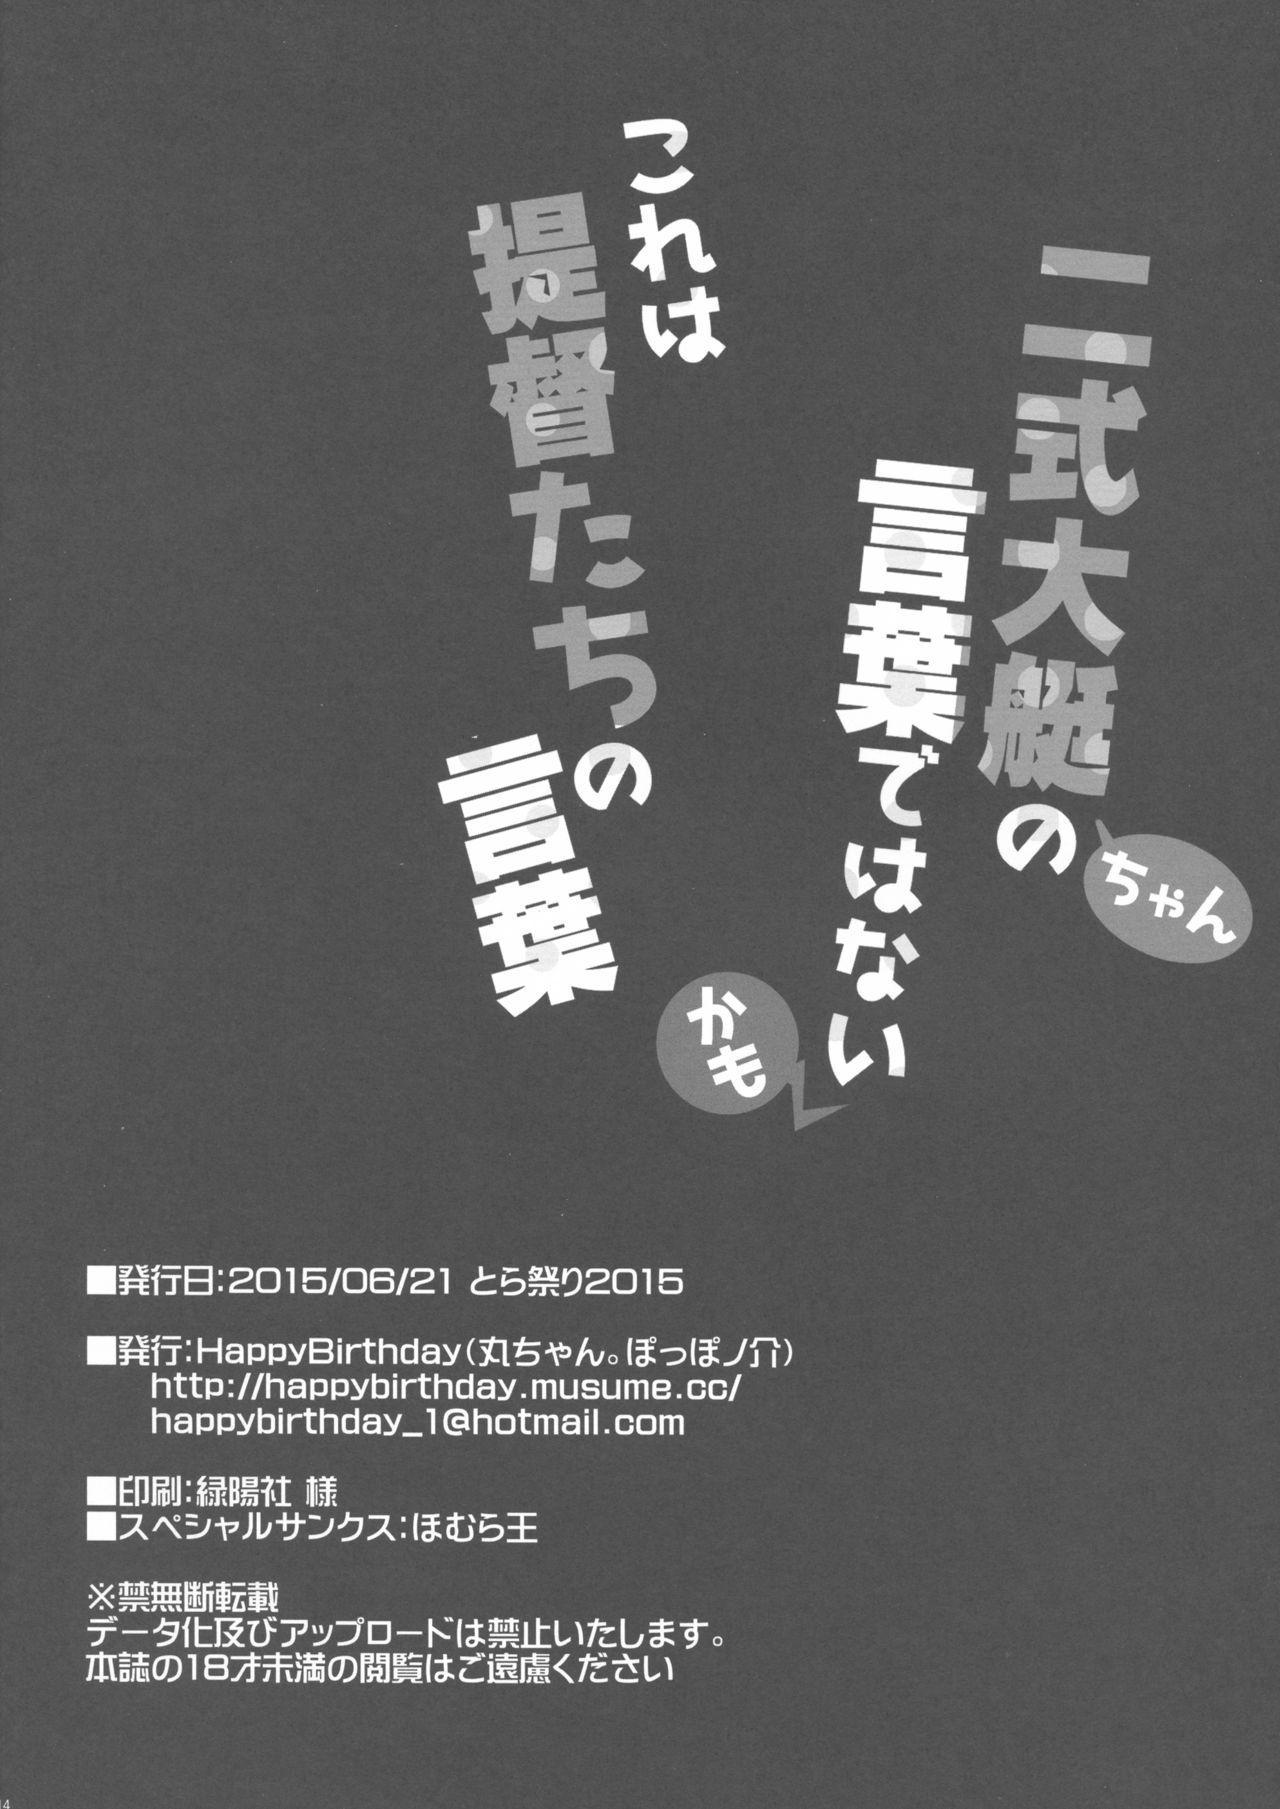 (Tora Matsuri 2015) [Happy Birthday (MARUchang)] Nishikidaitei-chan no Kotoba dewa nai kamo kore wa Teitoku-tachi no Kotoba (Kantai Collection -KanColle-) 12